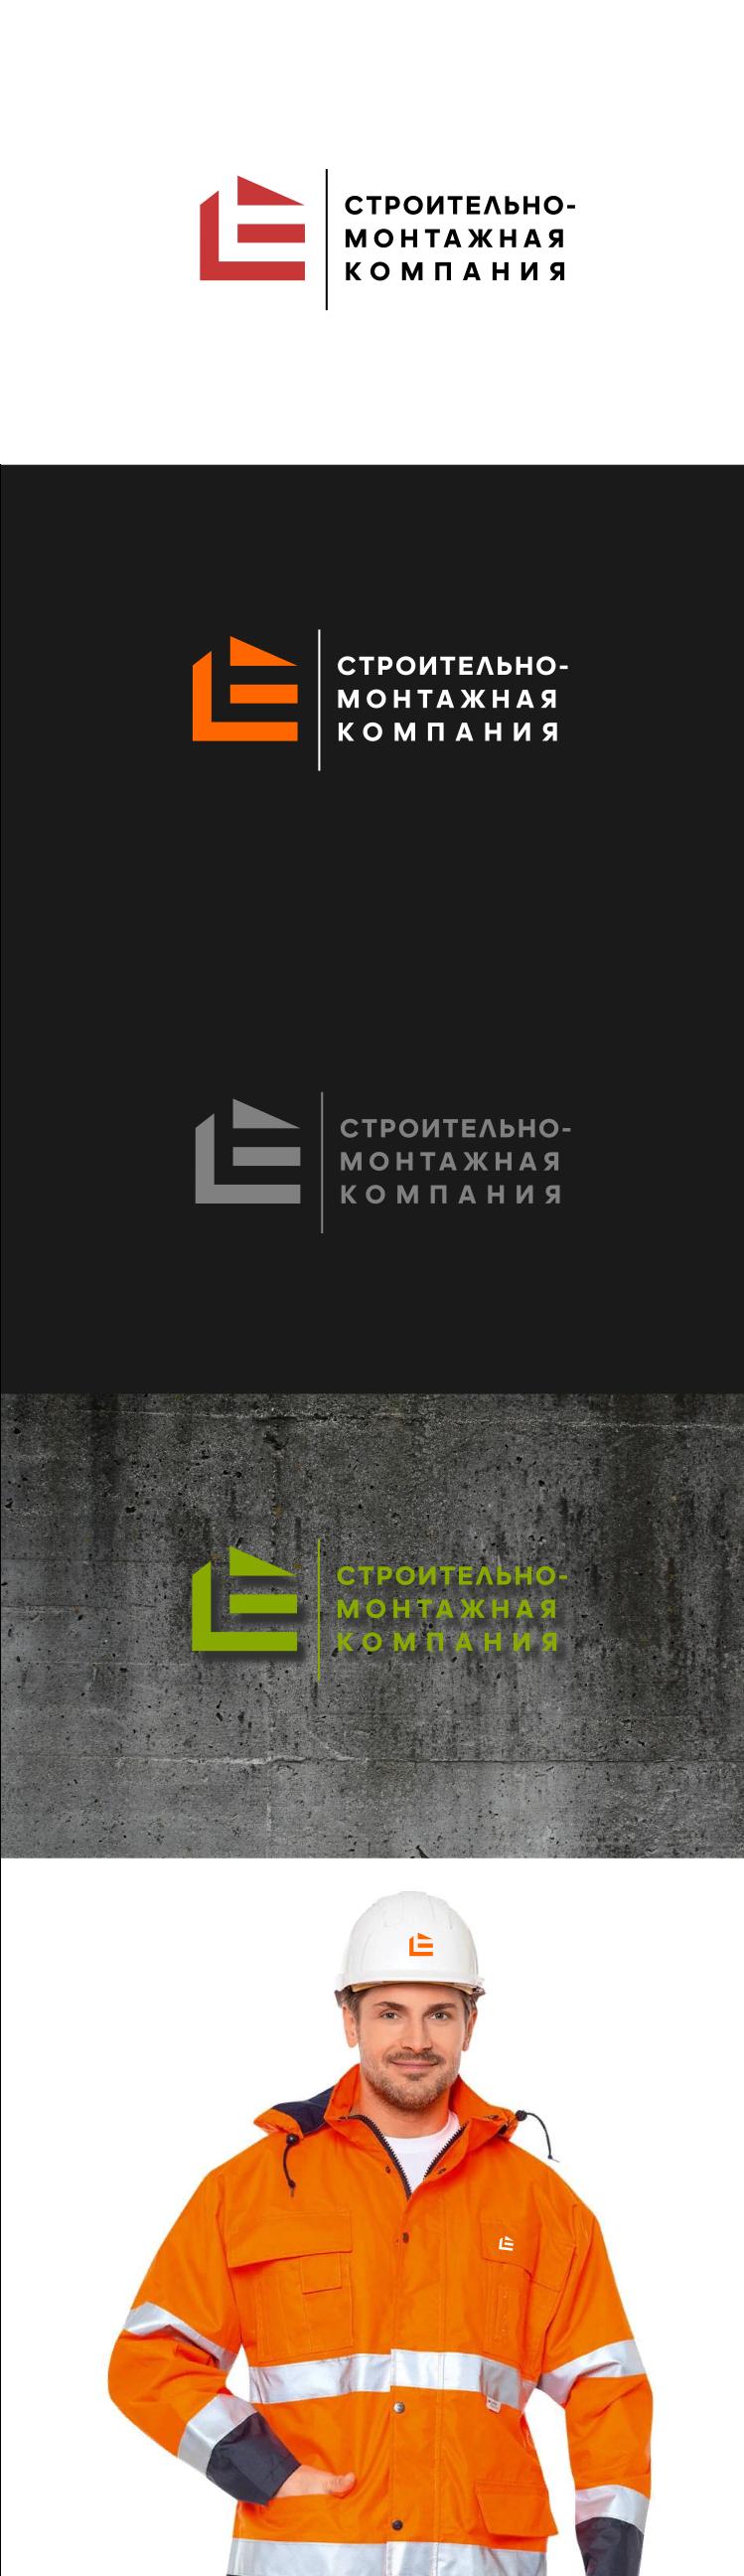 Разработка логотипа компании фото f_4565de15e60084f4.png